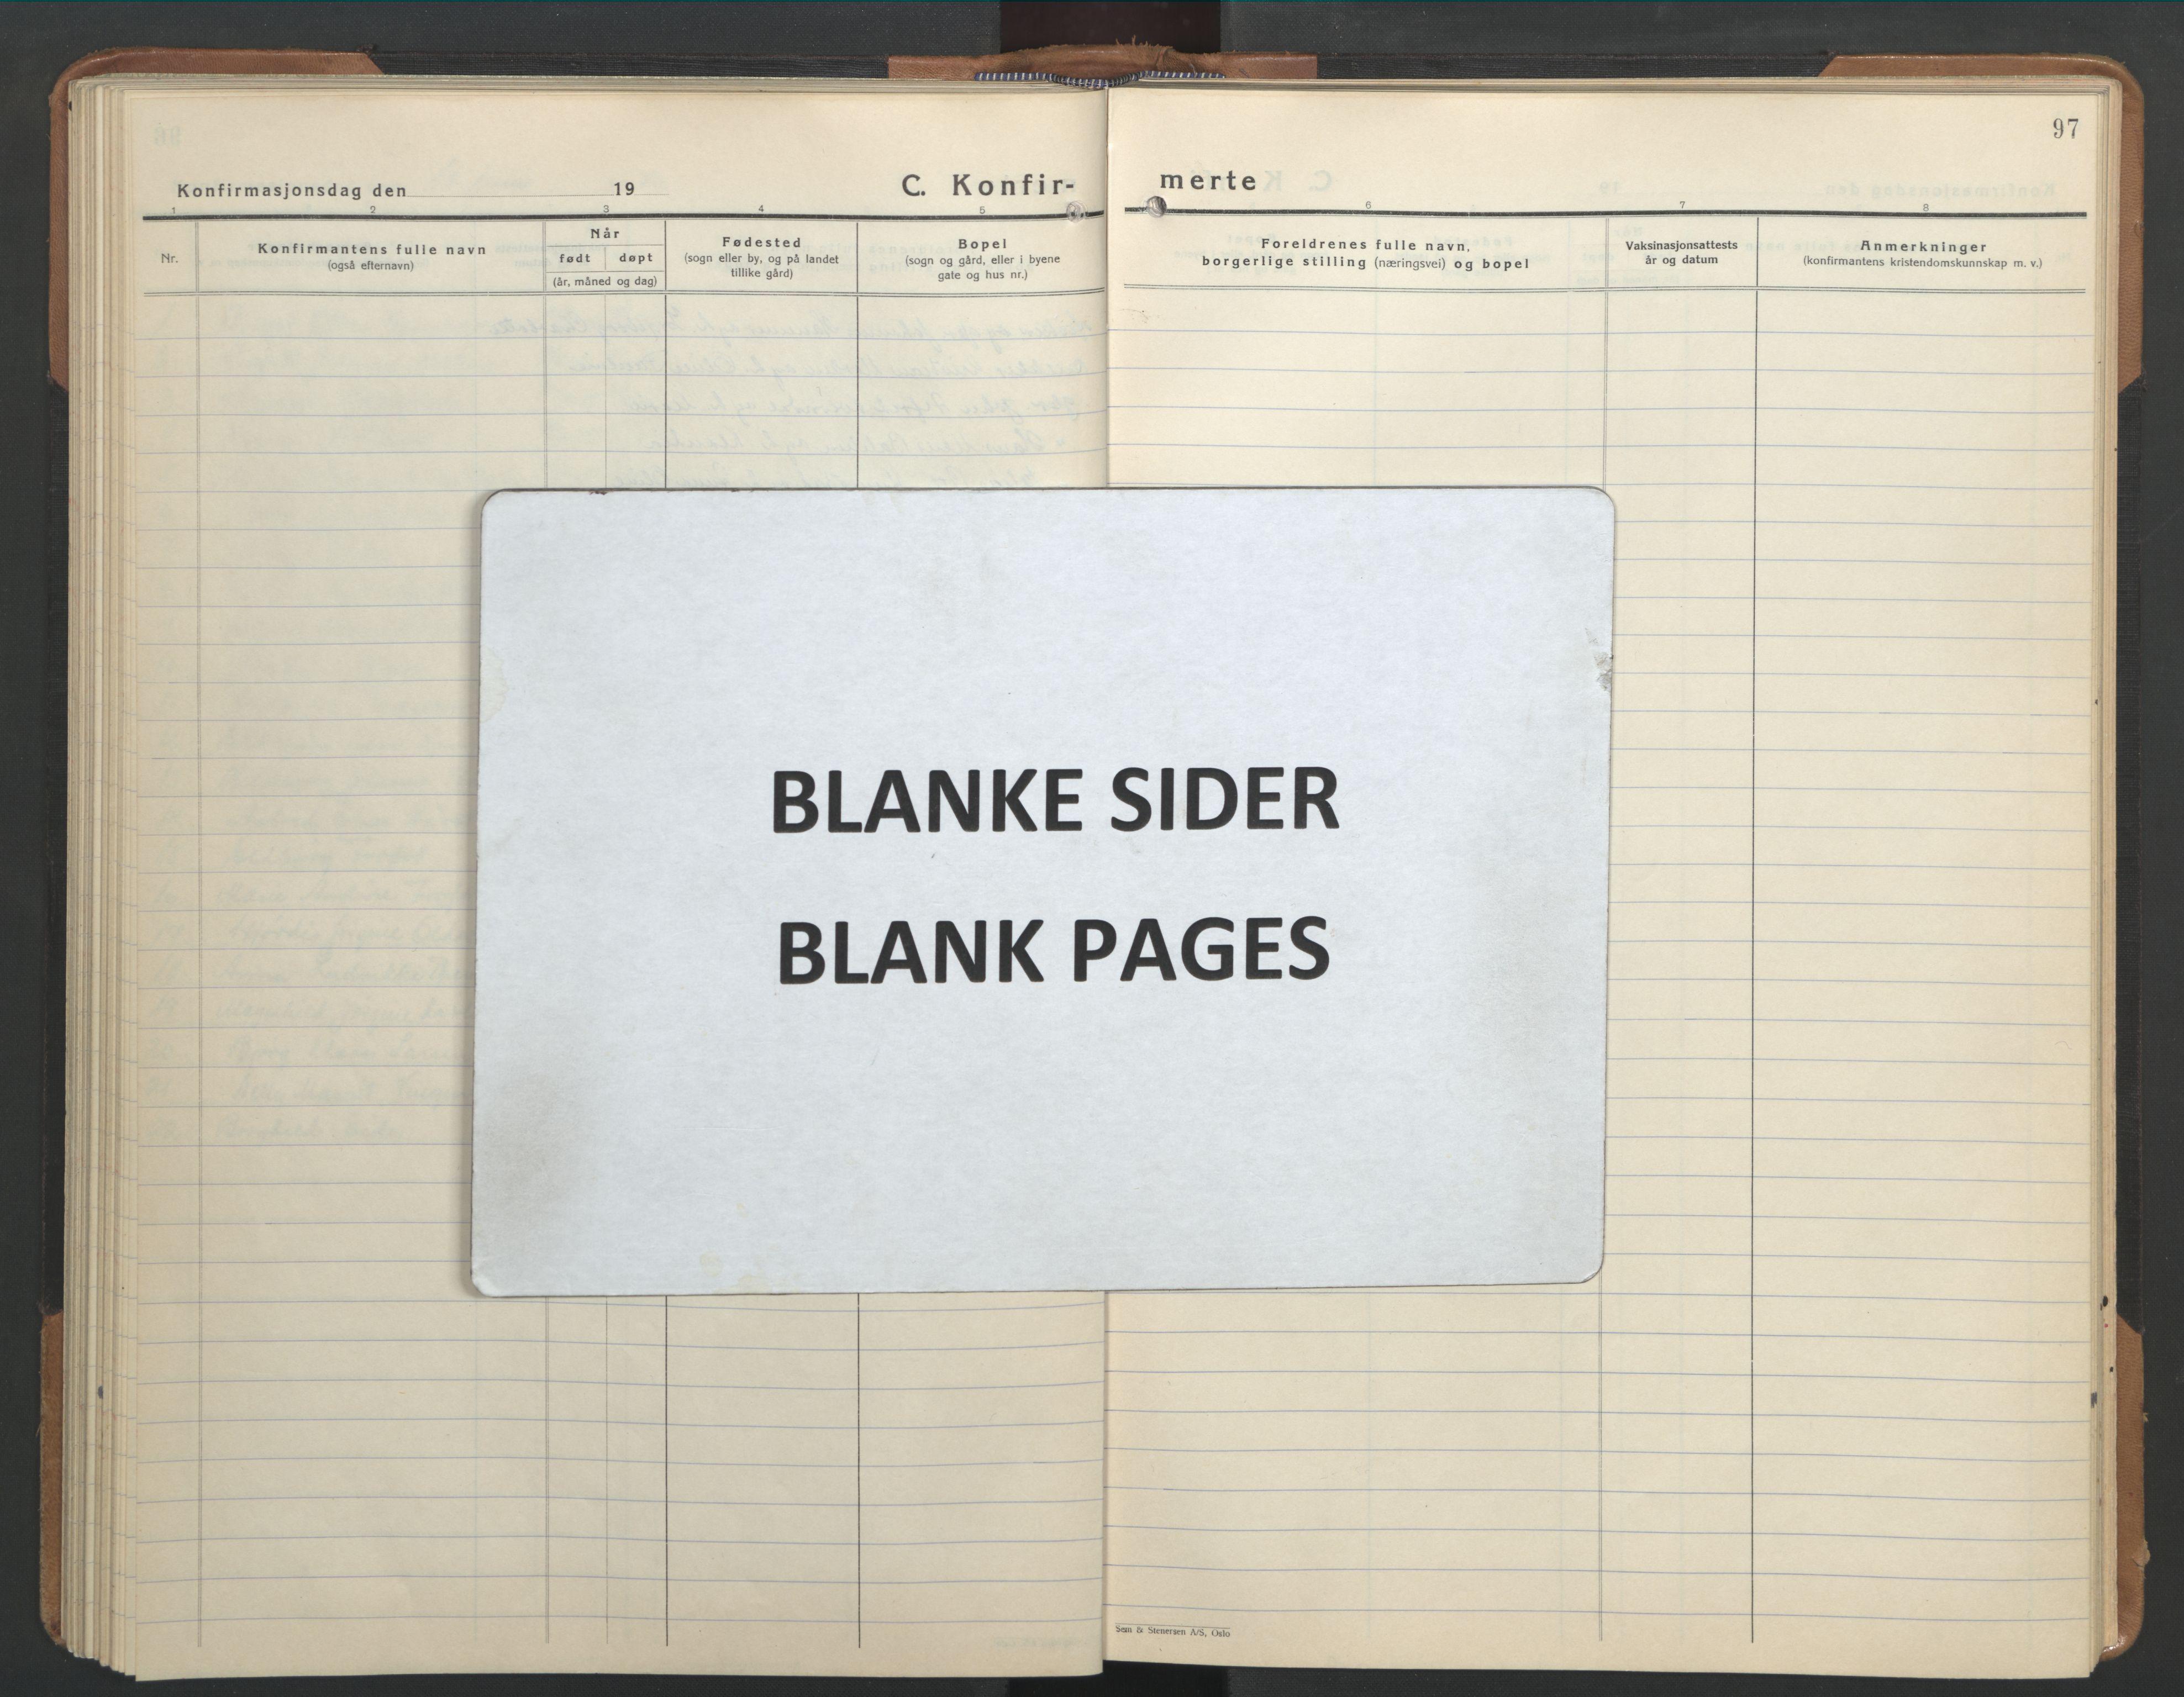 SAT, Ministerialprotokoller, klokkerbøker og fødselsregistre - Sør-Trøndelag, 655/L0690: Klokkerbok nr. 655C06, 1937-1950, s. 97